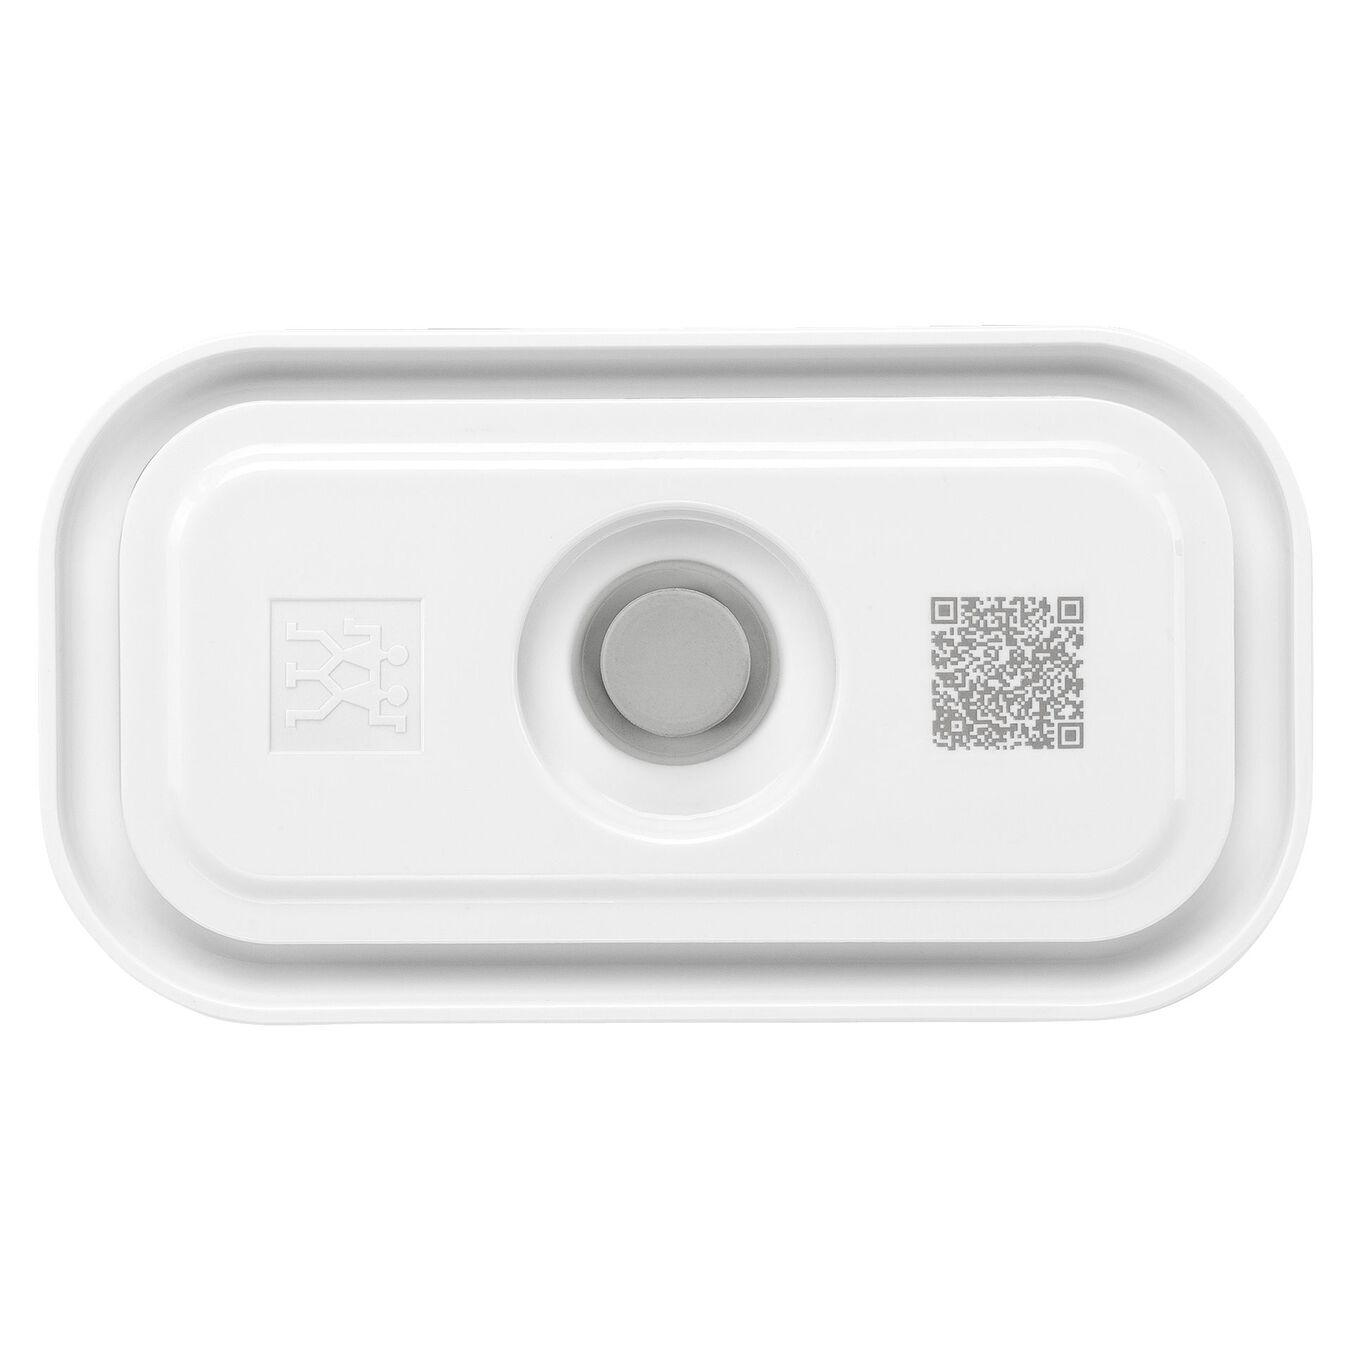 Vacuum box, White | Premium,,large 2